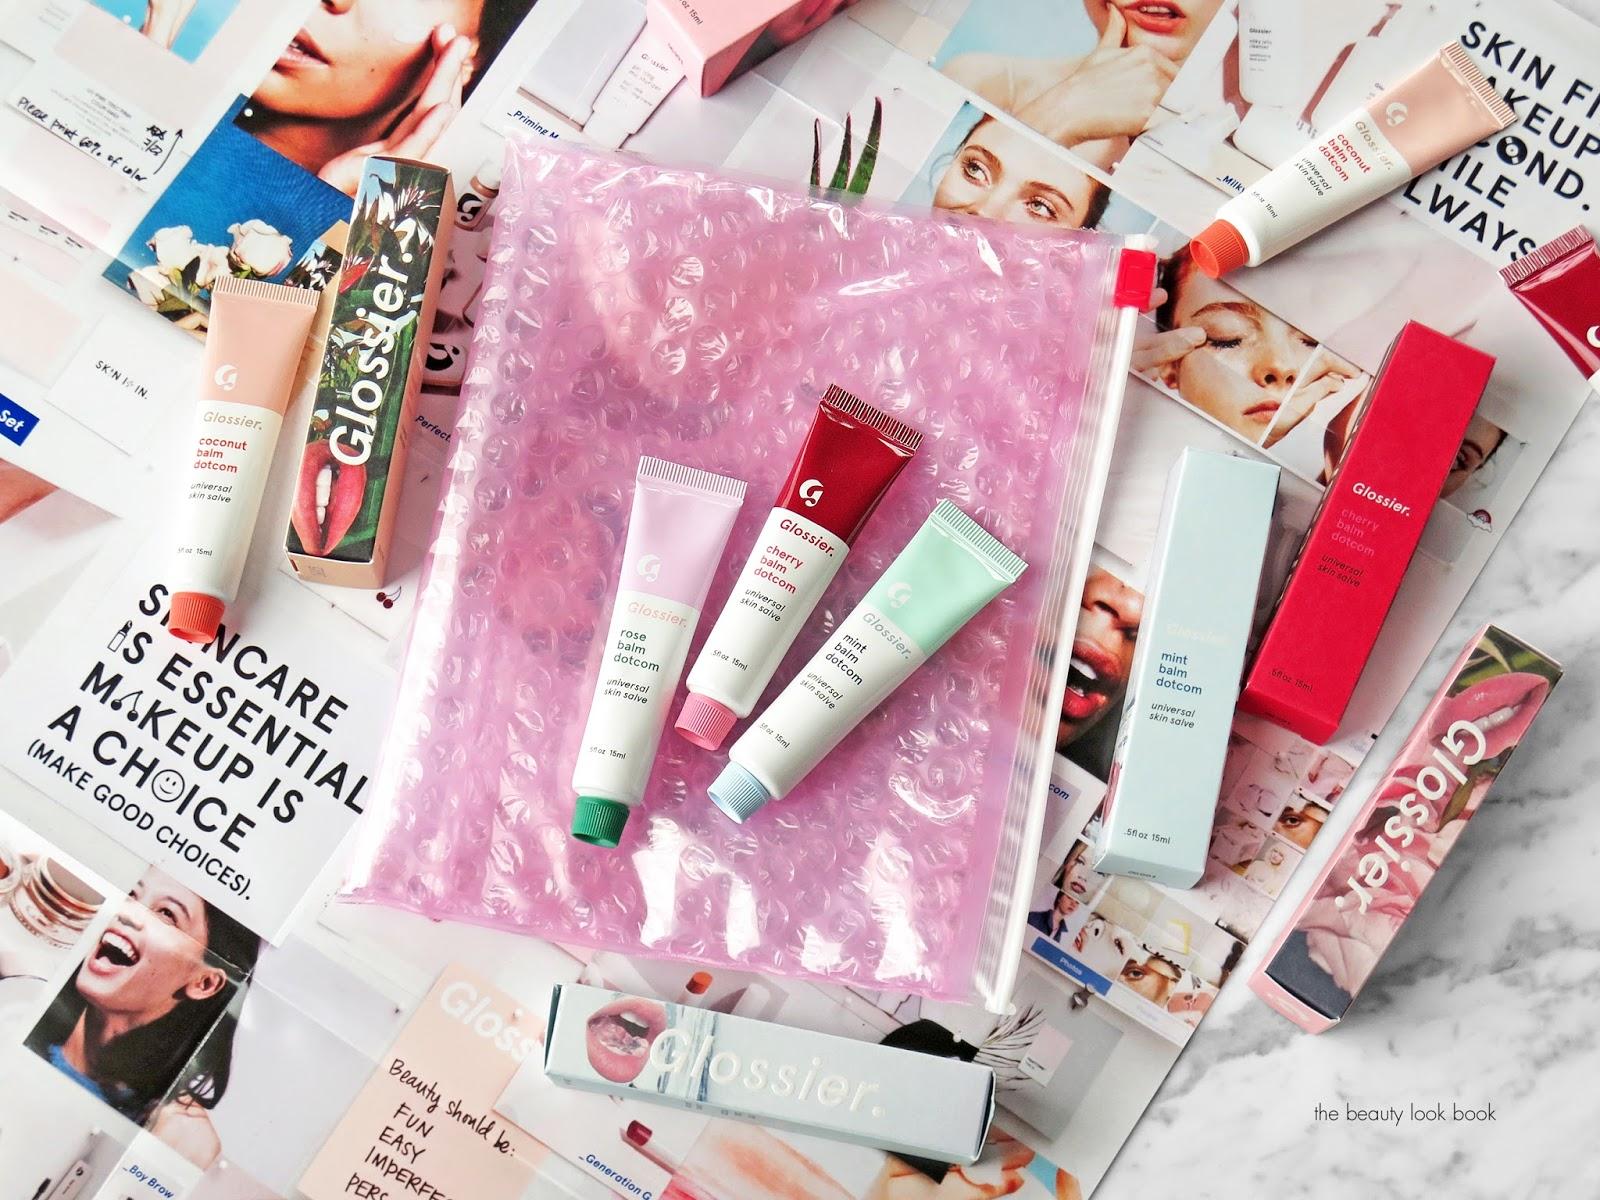 Foto: thebeautylookbook.com